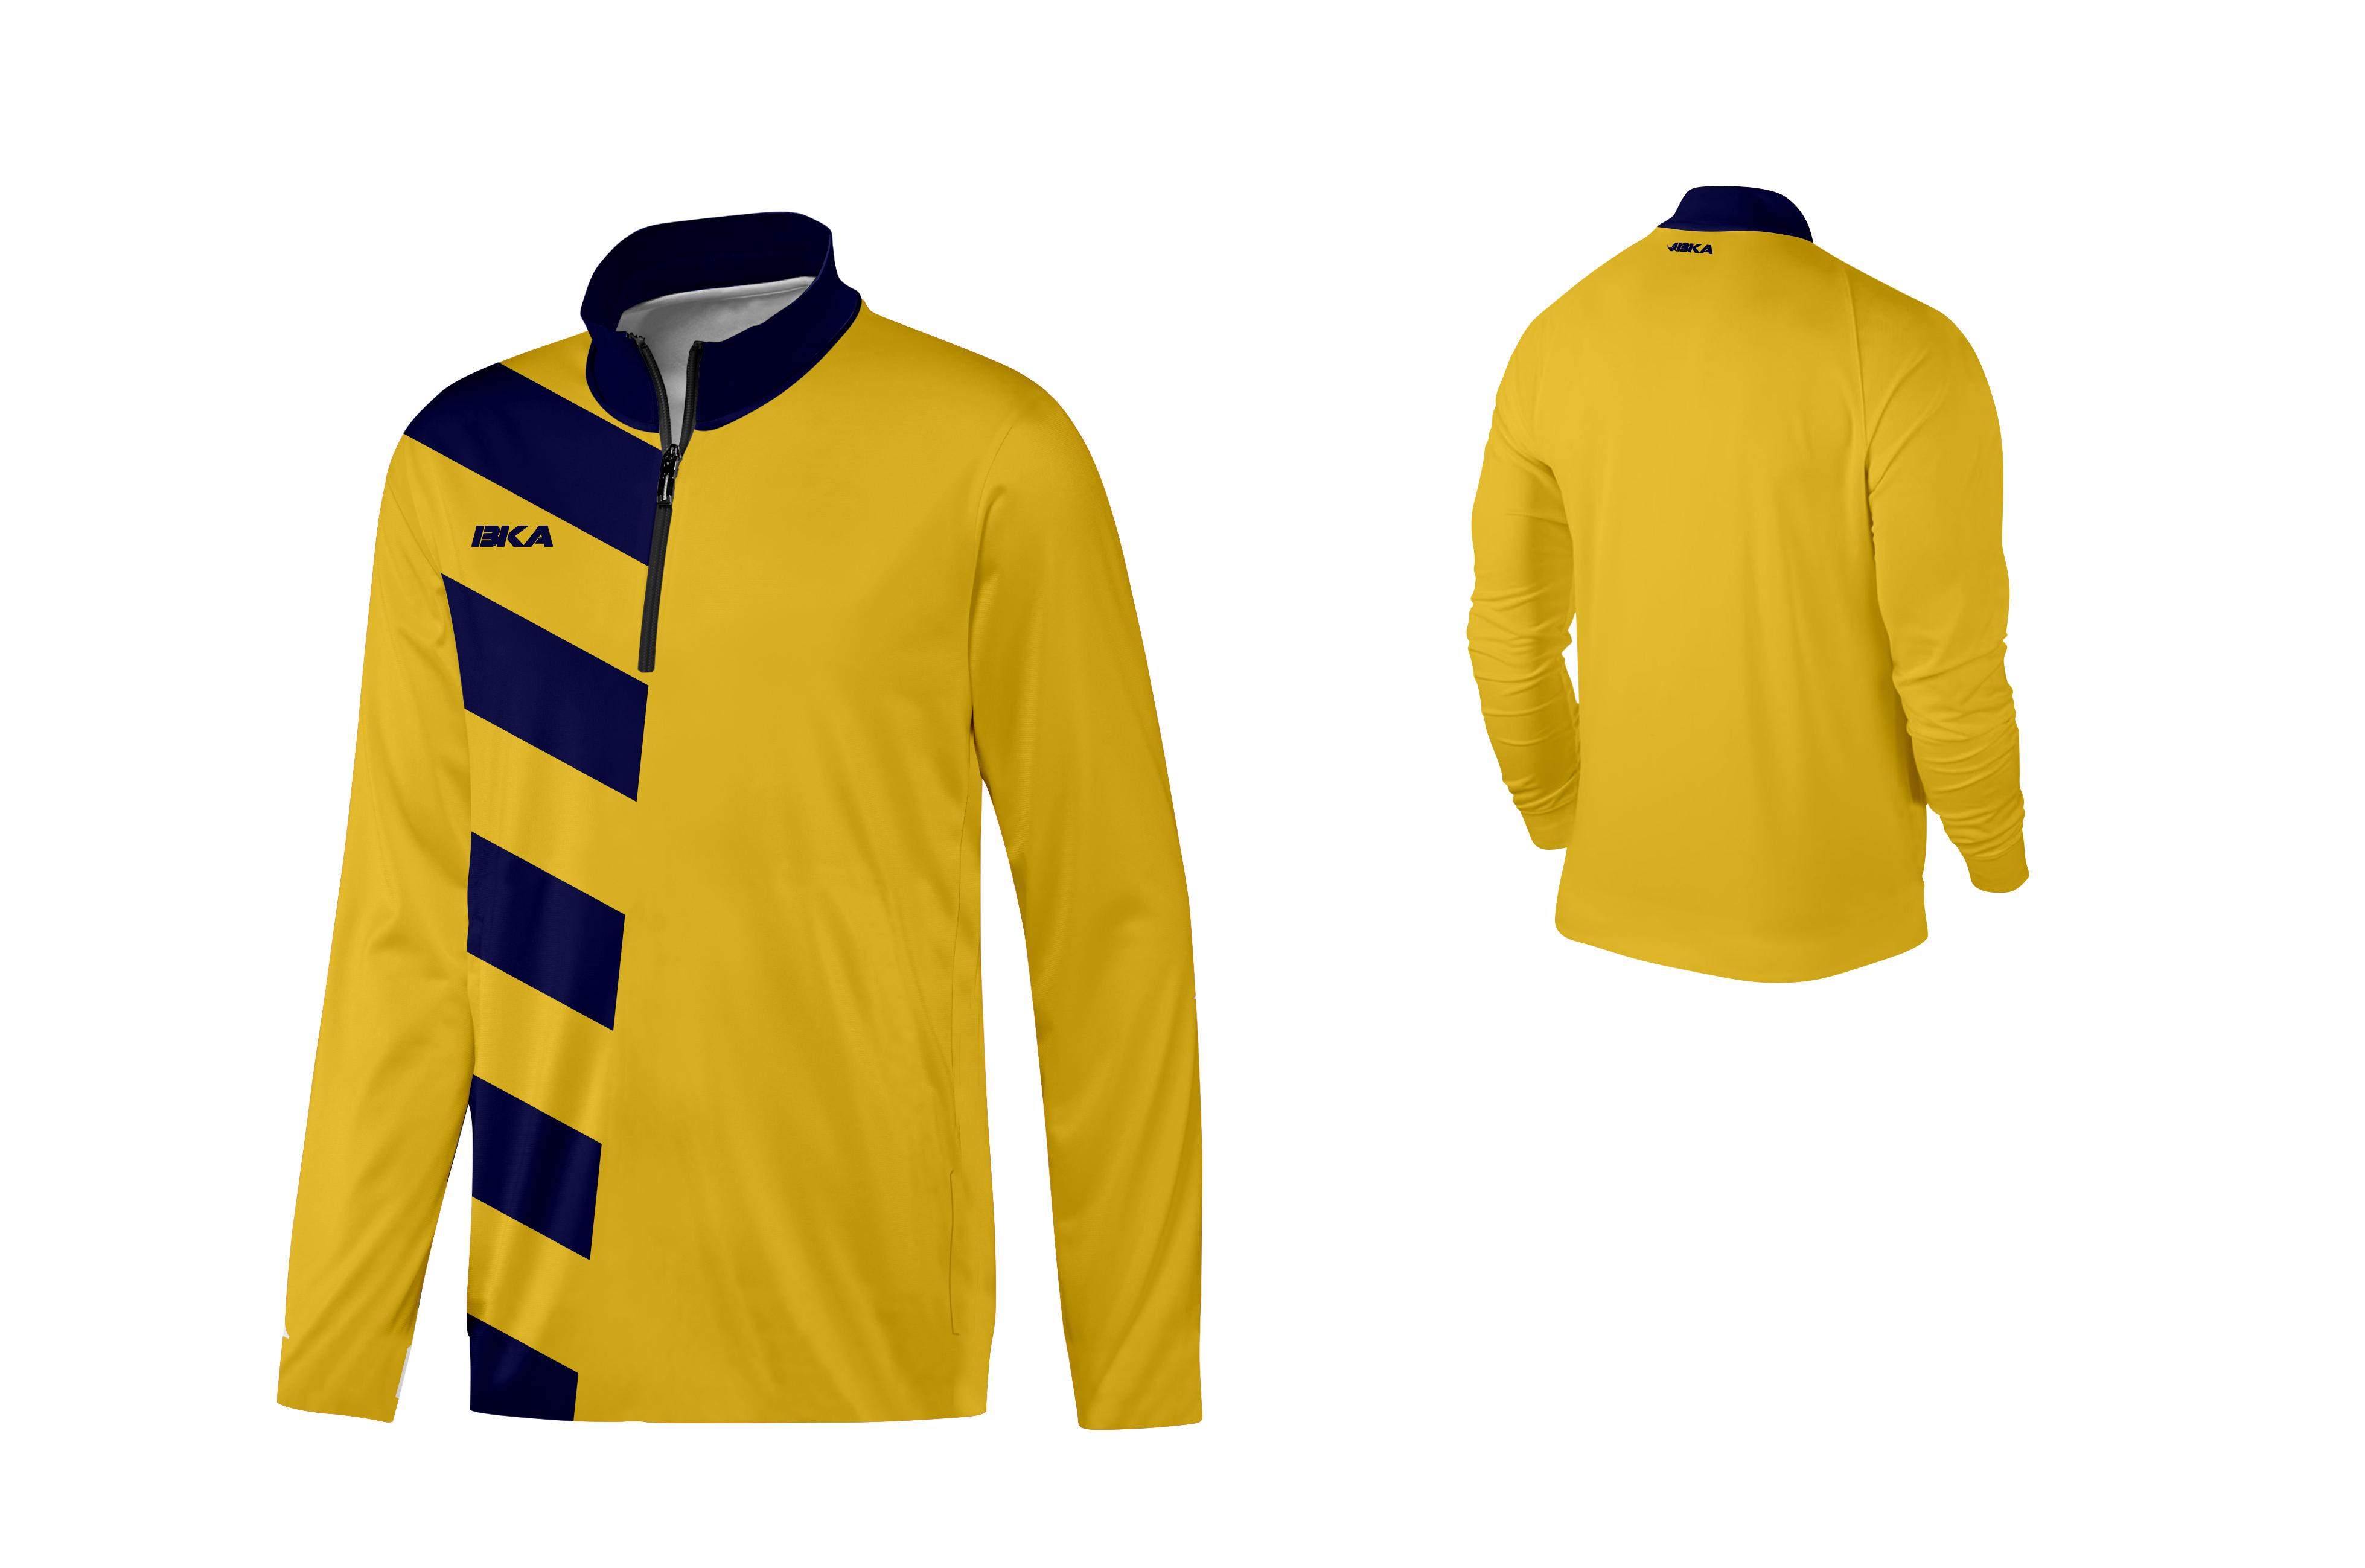 SUDADERA BKA DORTMUND amarillo-azul marino